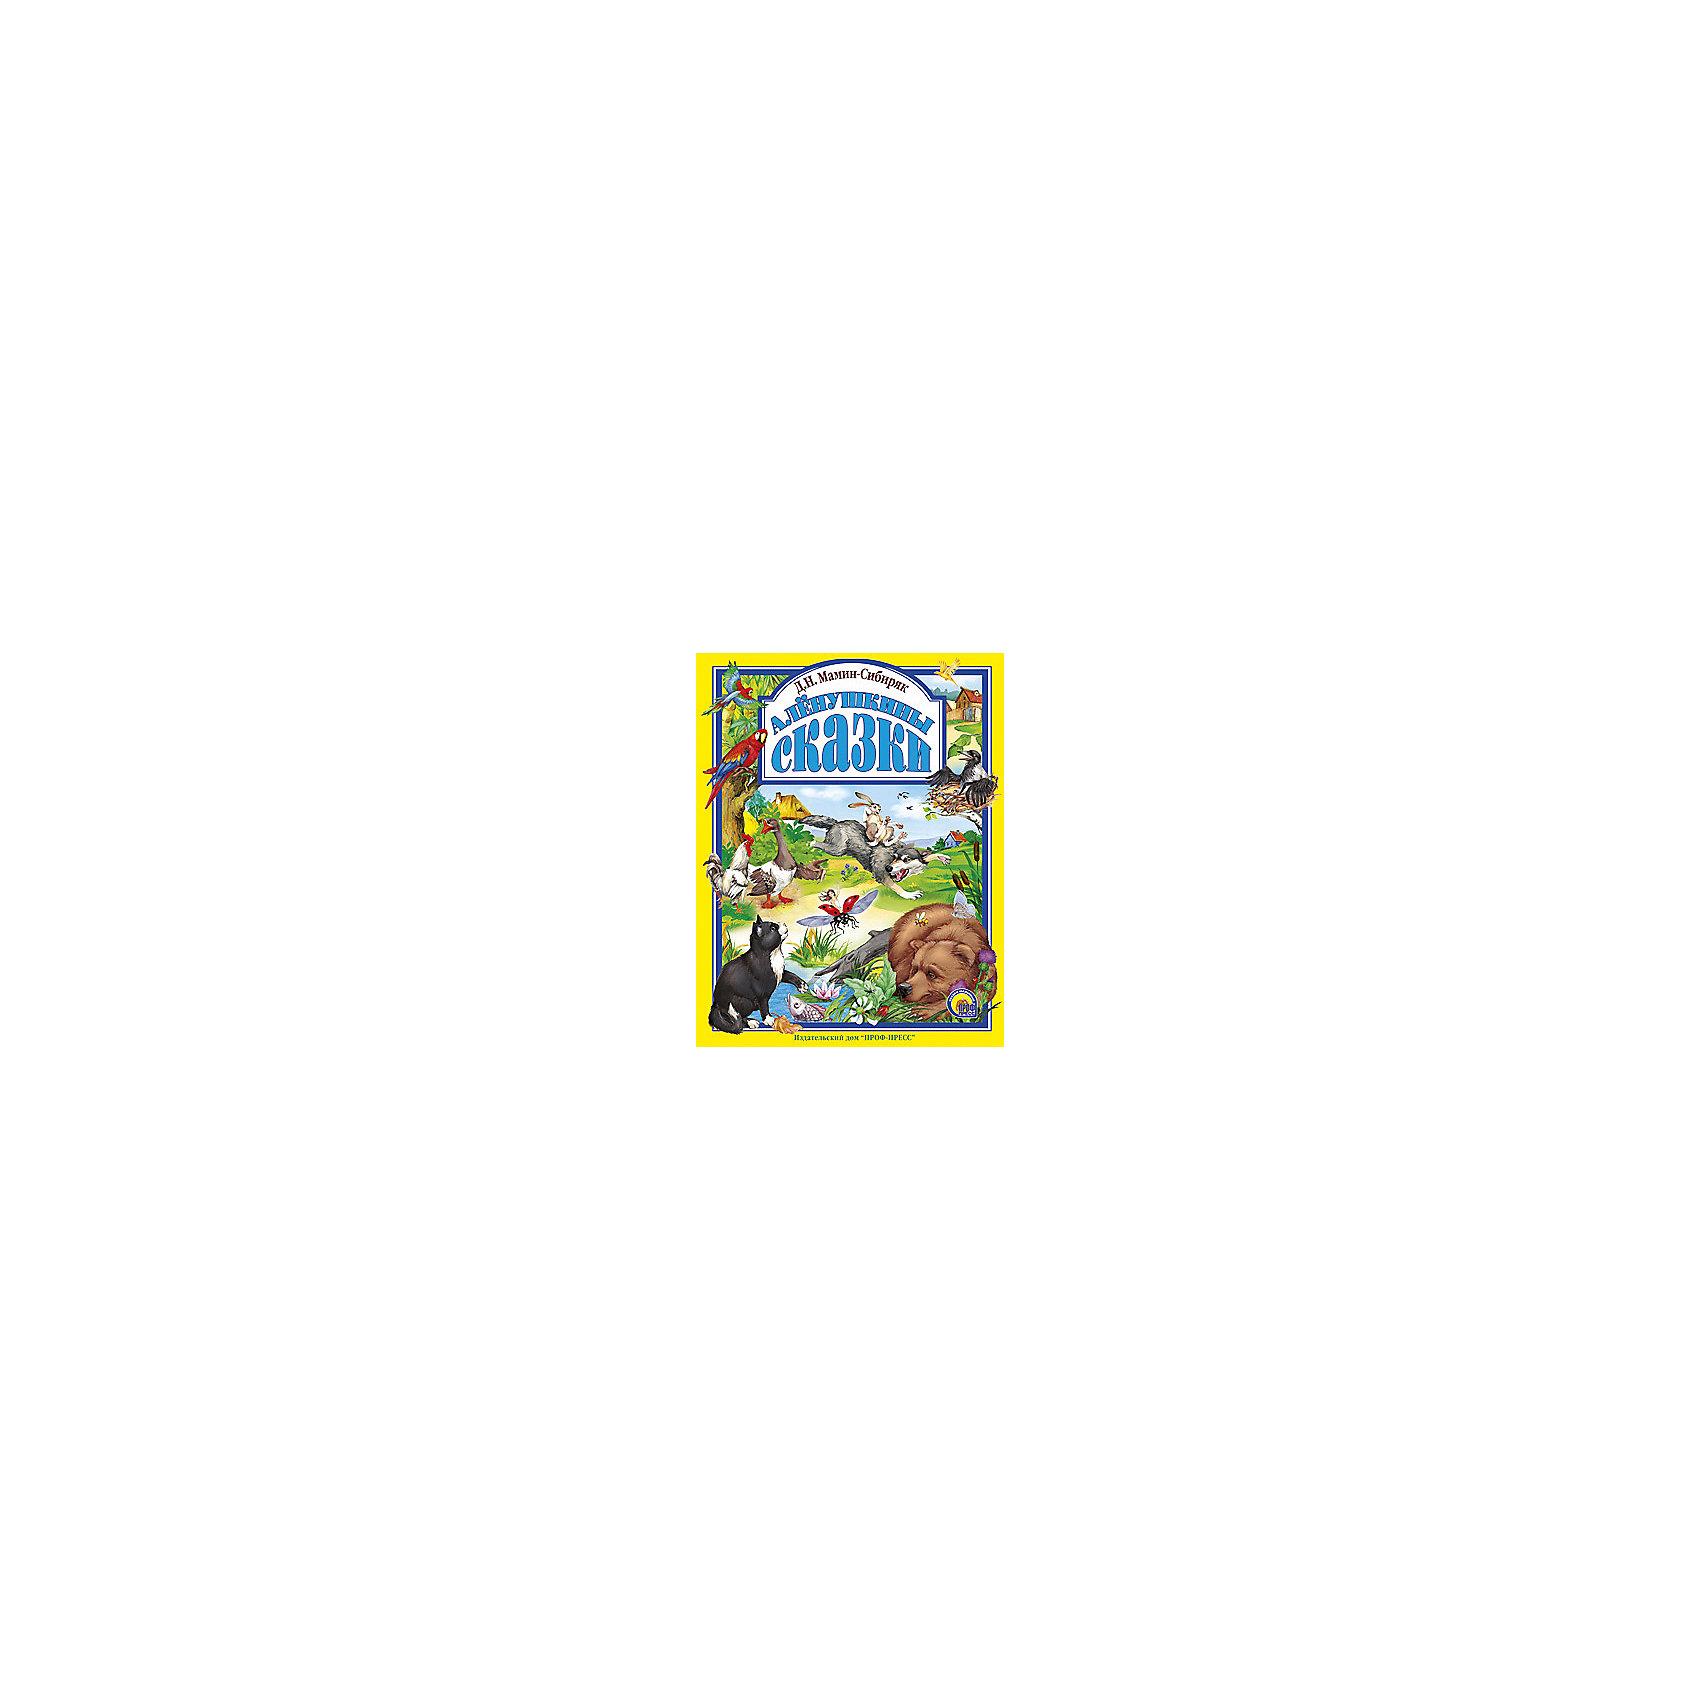 Аленушкины сказкиРусские сказки<br>Аленушкины сказки - сборник лучших произведений Д.Н. Мамина-Сибиряка. Все сказки были с любовью написаны для маленькой дочки автора - Аленушки. В книге вы найдете любимые с детства произведения: Сказочка про Козявочку, Умнее всех и многие другие. Познакомьте малыша с волшебным и удивительным миром животных и природы!<br>Дополнительная информация:<br>Издательство: Проф-Пресс<br>Год выпуска: 2016<br>Автор: Д.Н. Мамин-Сибиряк<br>Серия: Любимые сказки<br>Обложка: твердый переплет<br>Иллюстрации: цветные<br>Количество страниц: 144<br>ISBN:978-5-378-02802-3<br>Размер: 26,5х1,3х20 см<br>Вес: 440 грамм<br>Книгу Аленушкины сказки можно купить в нашем интернет-магазине.<br><br>Ширина мм: 200<br>Глубина мм: 13<br>Высота мм: 265<br>Вес г: 440<br>Возраст от месяцев: 0<br>Возраст до месяцев: 36<br>Пол: Унисекс<br>Возраст: Детский<br>SKU: 4905907